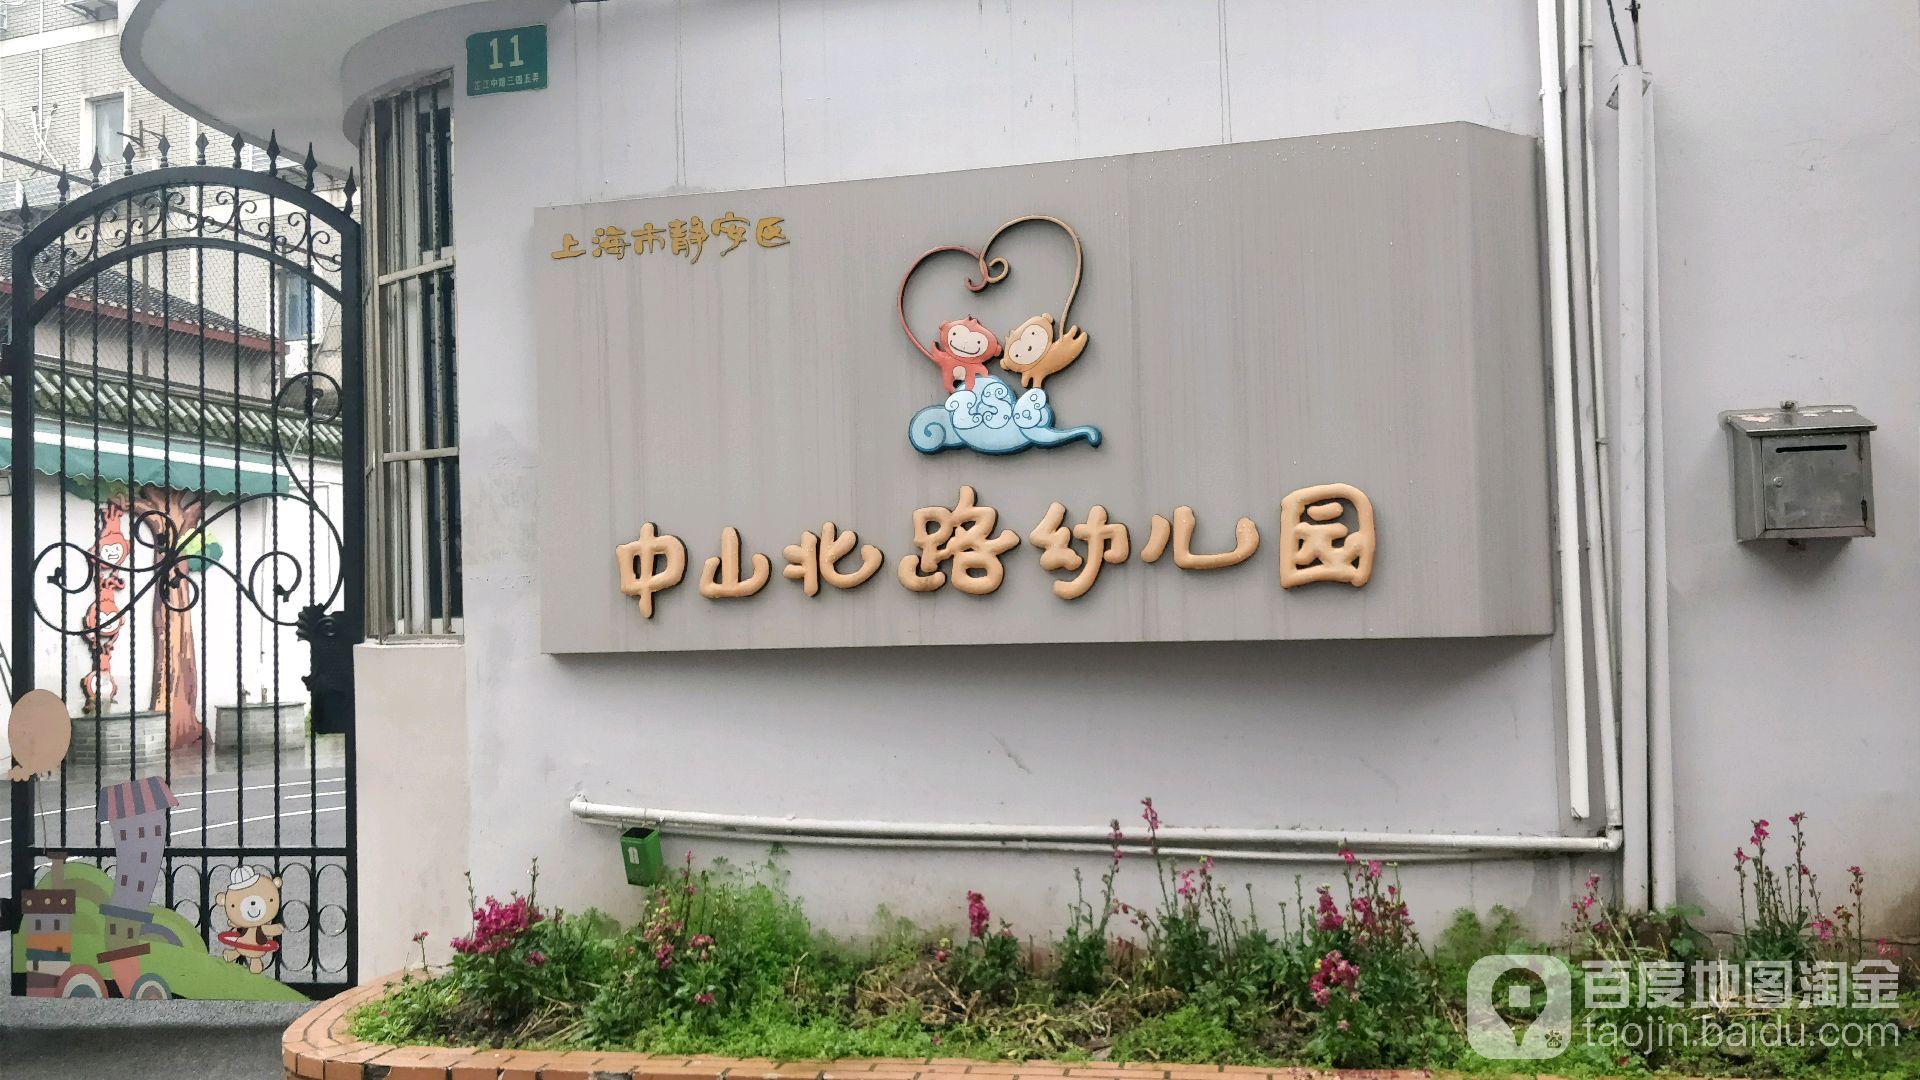 上海市静安区中山北路幼儿园